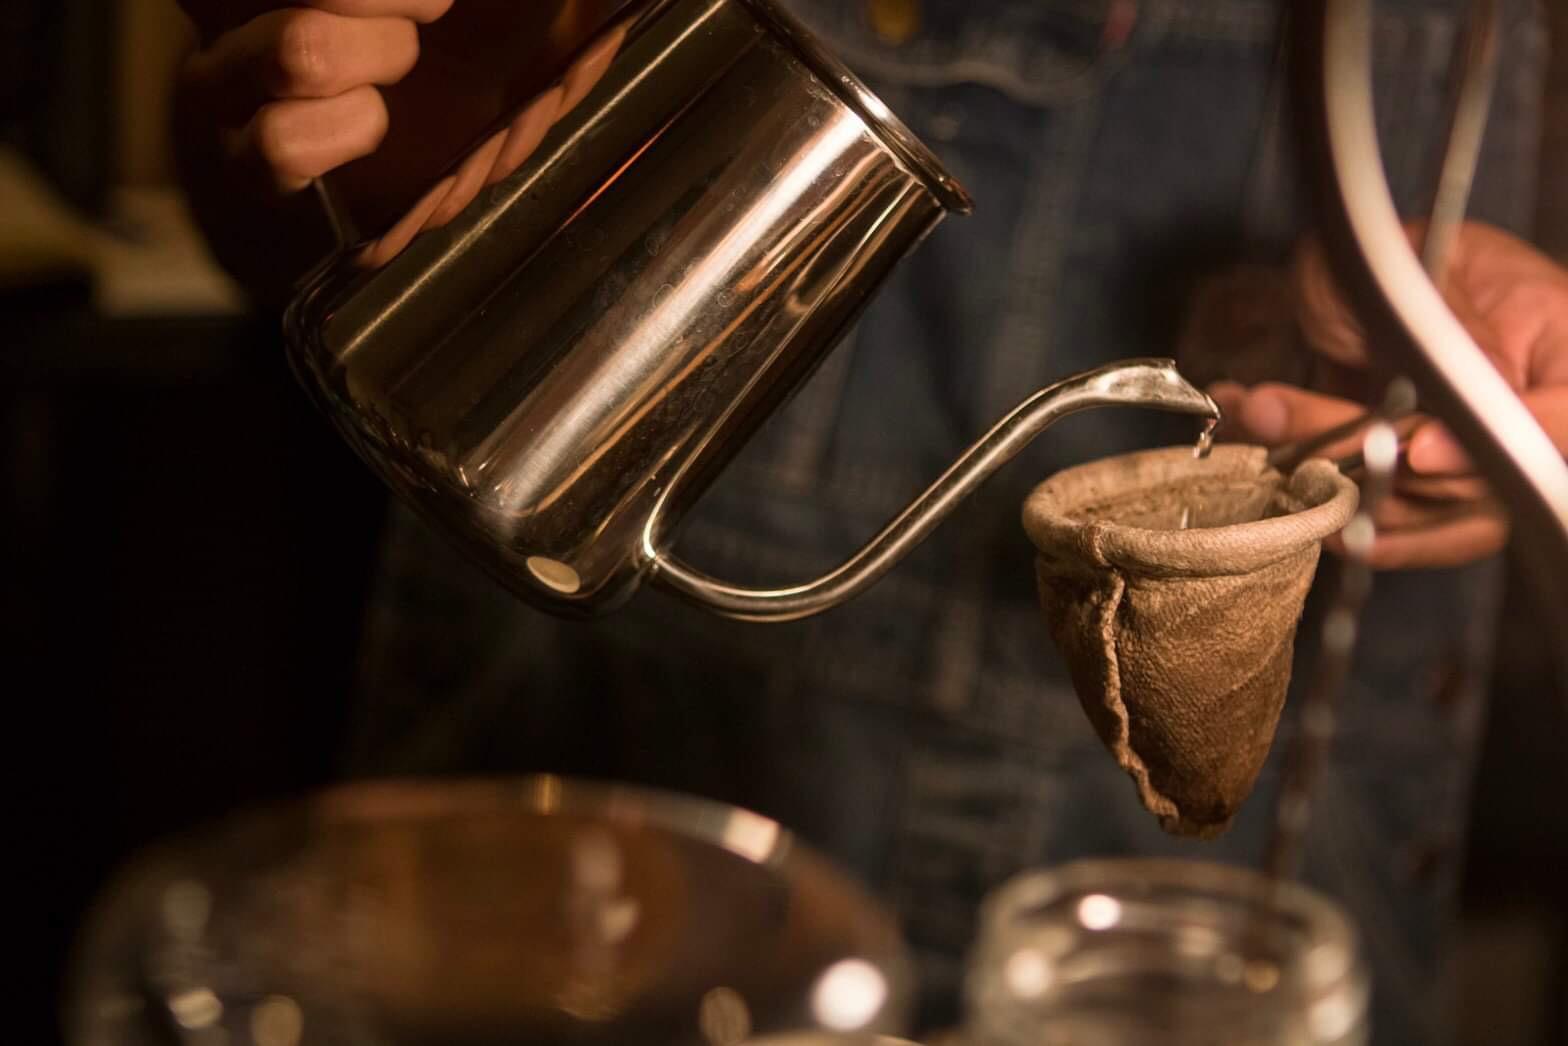 時間を気にせず至極の一杯を。ネルドリップを楽しむ「珈琲屋Monk」 - IMG 4850